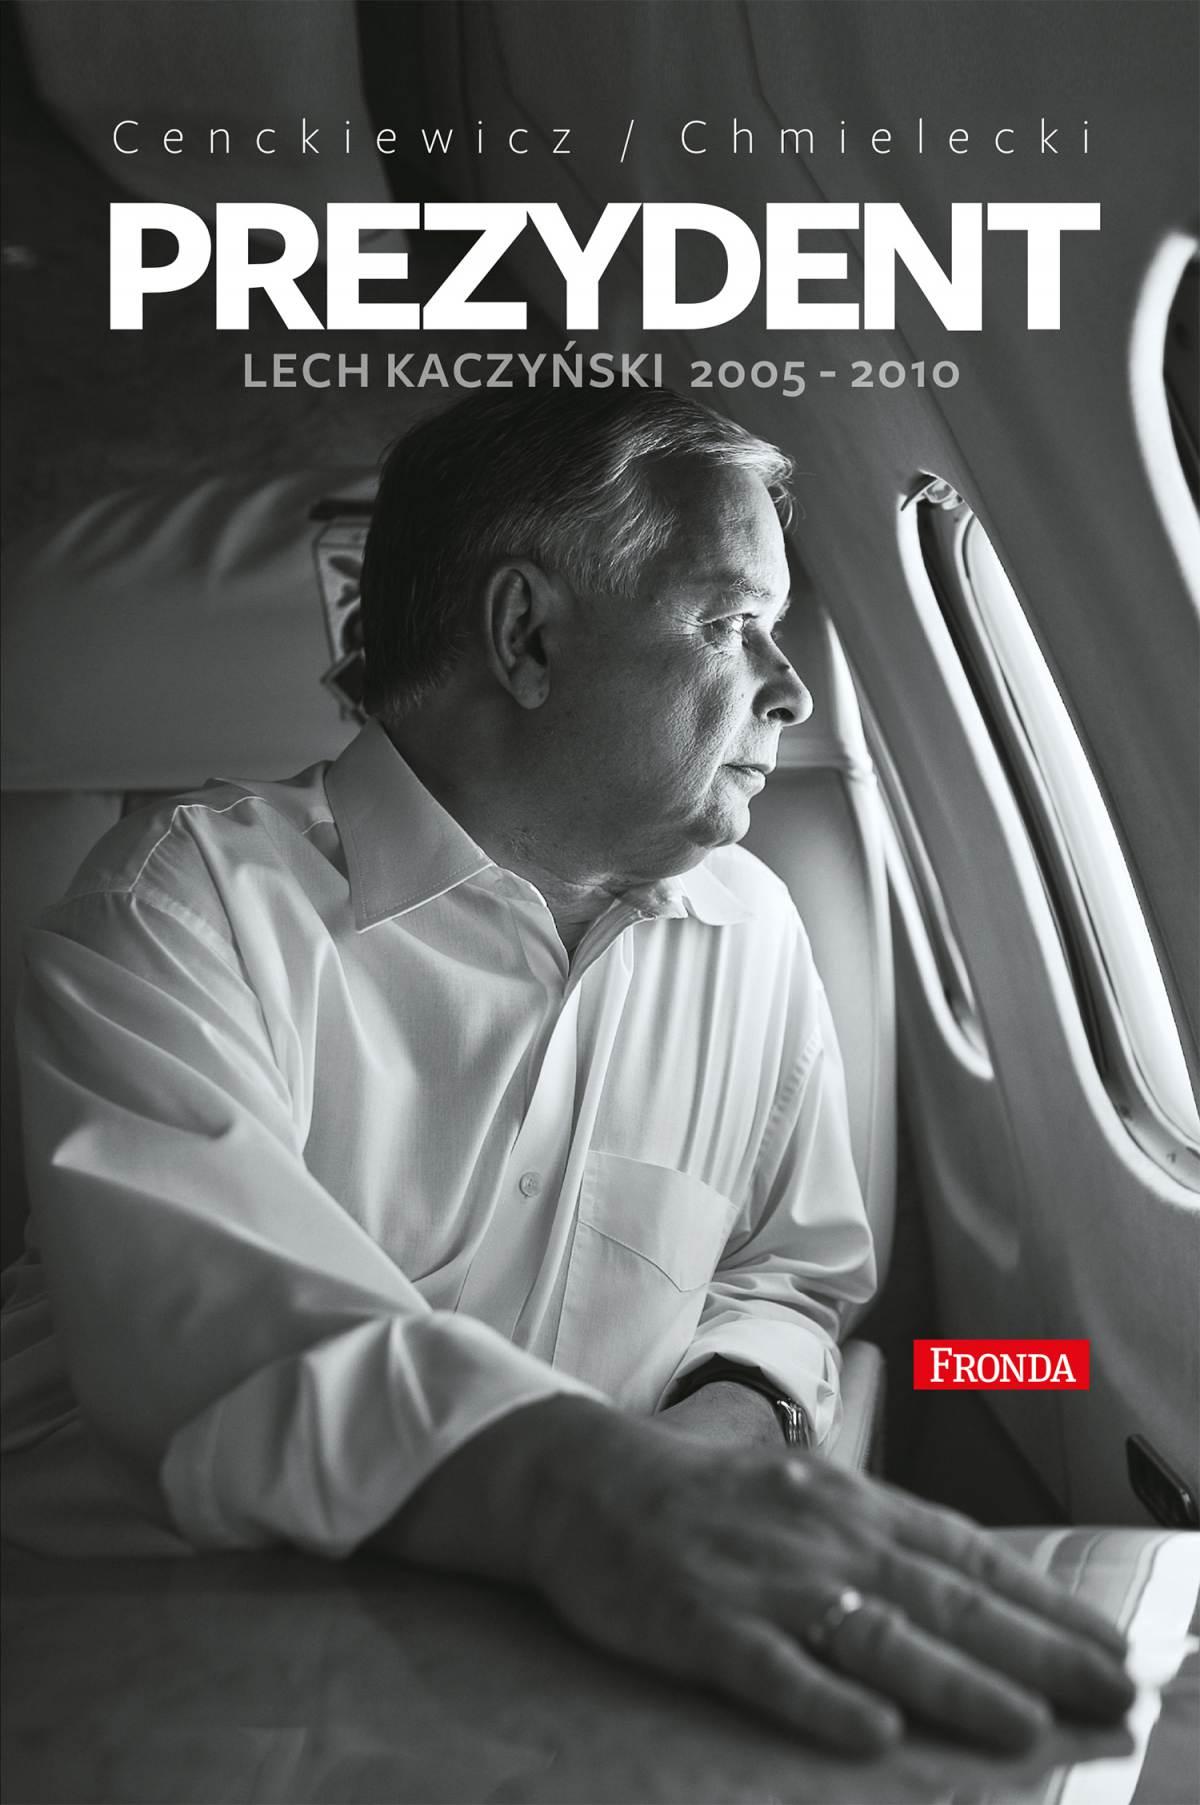 Prezydent Lech Kaczyński - Ebook (Książka EPUB) do pobrania w formacie EPUB